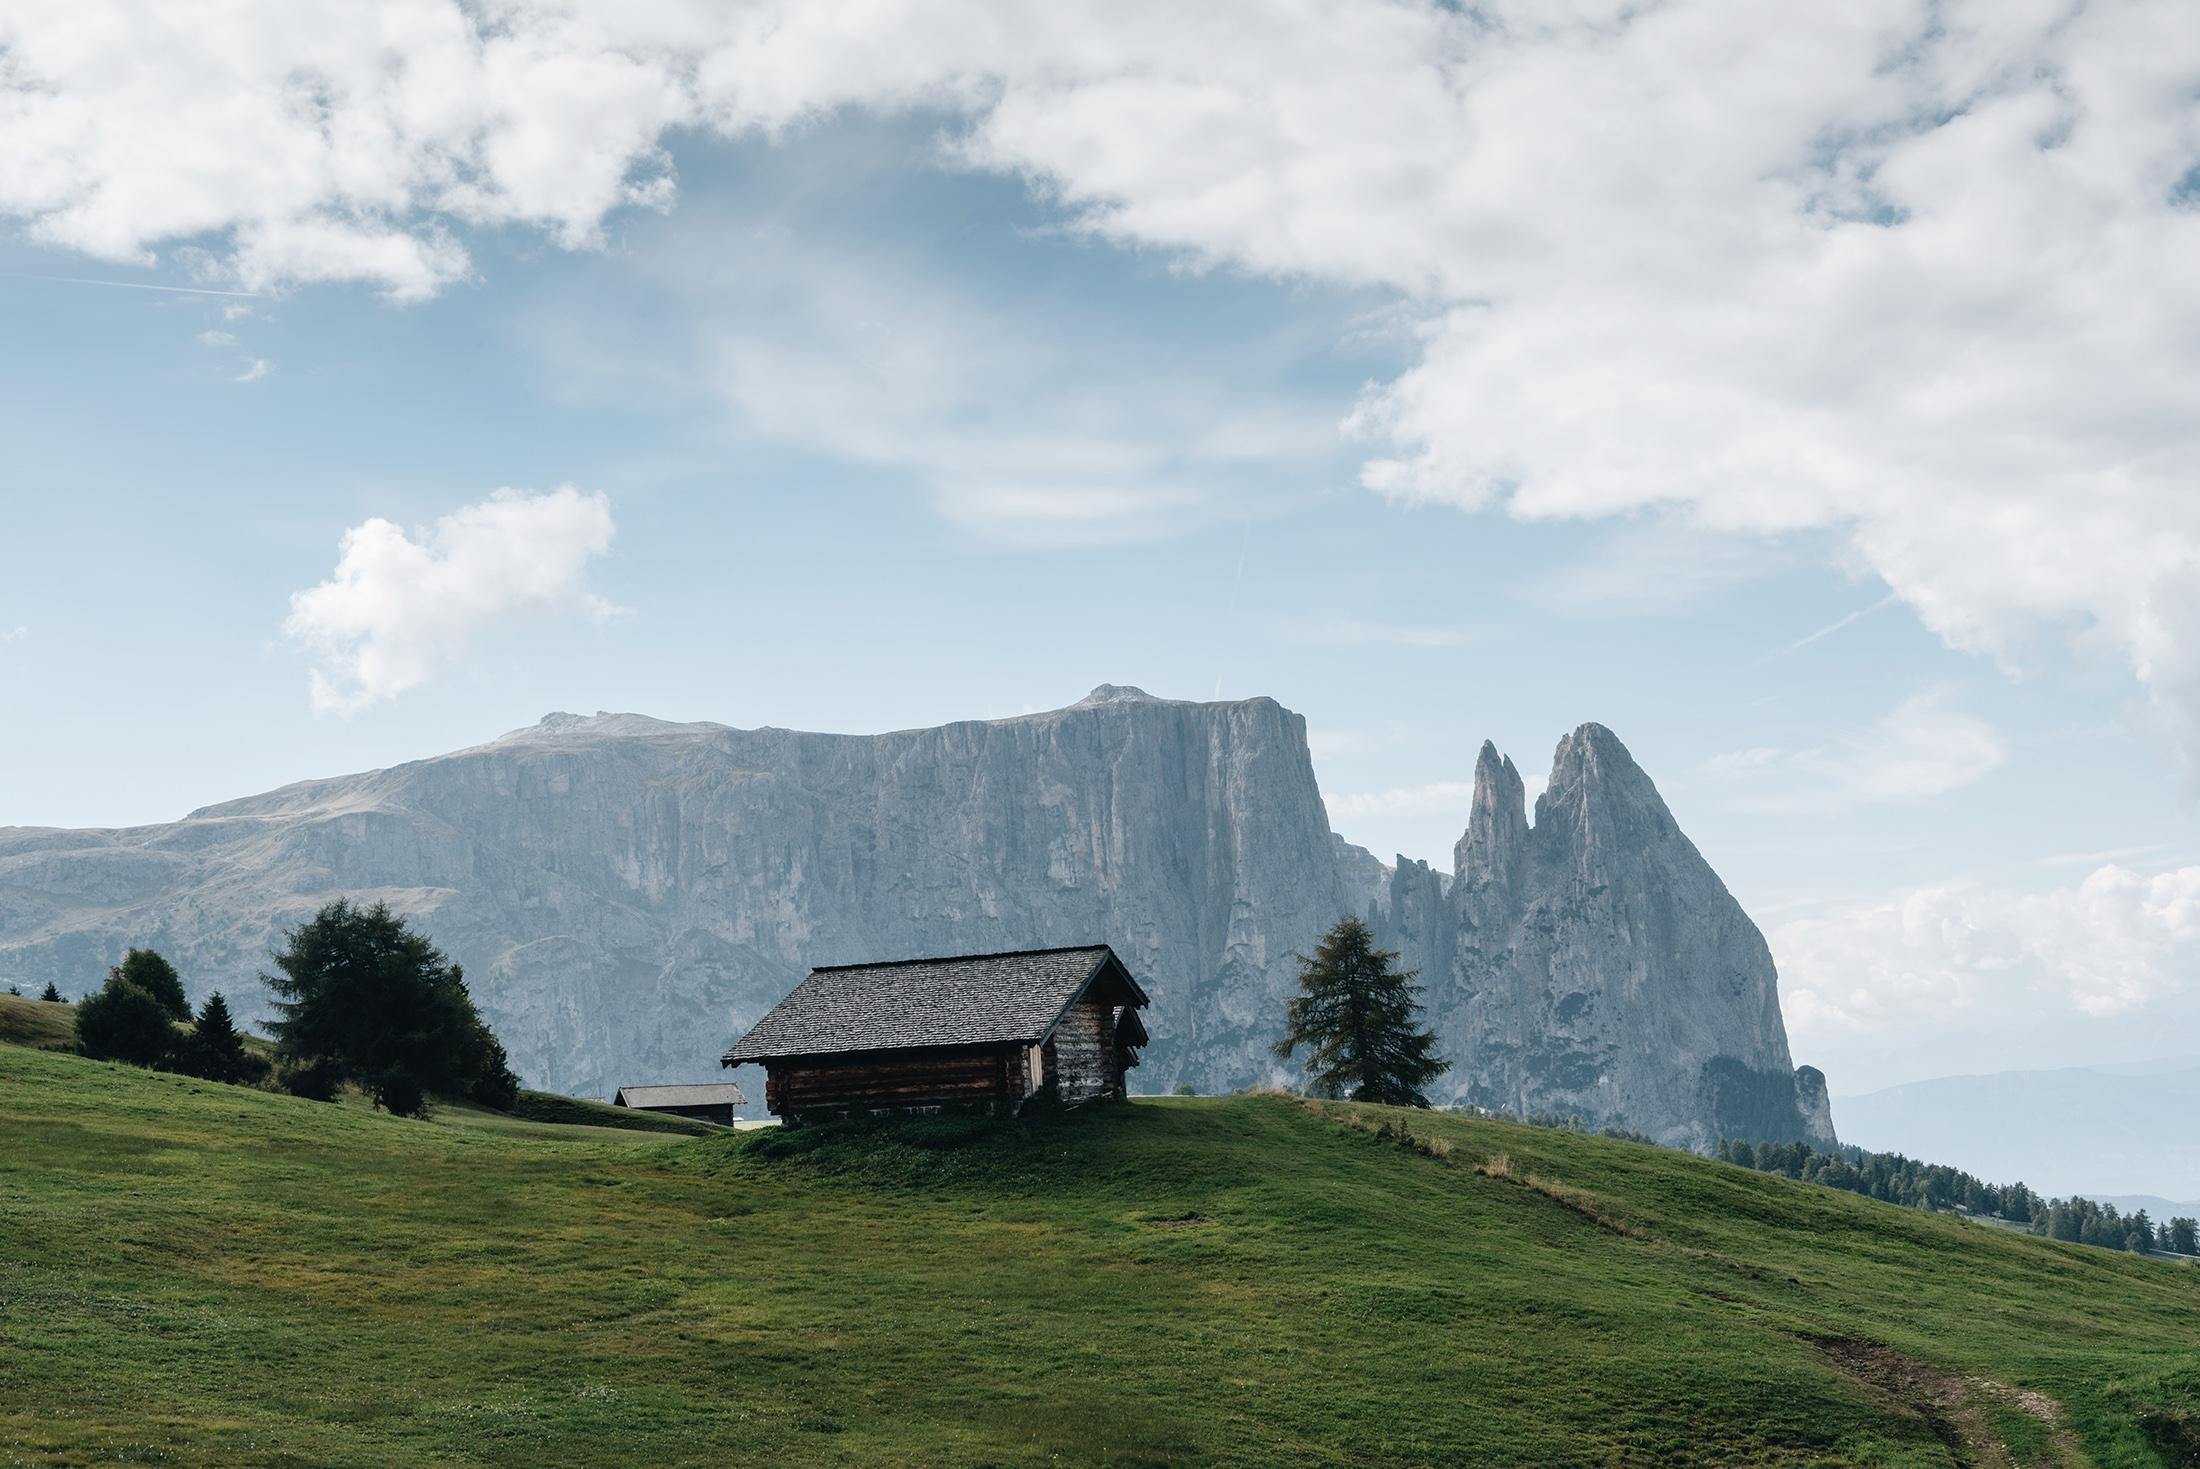 Dolomites Alpe di Susi